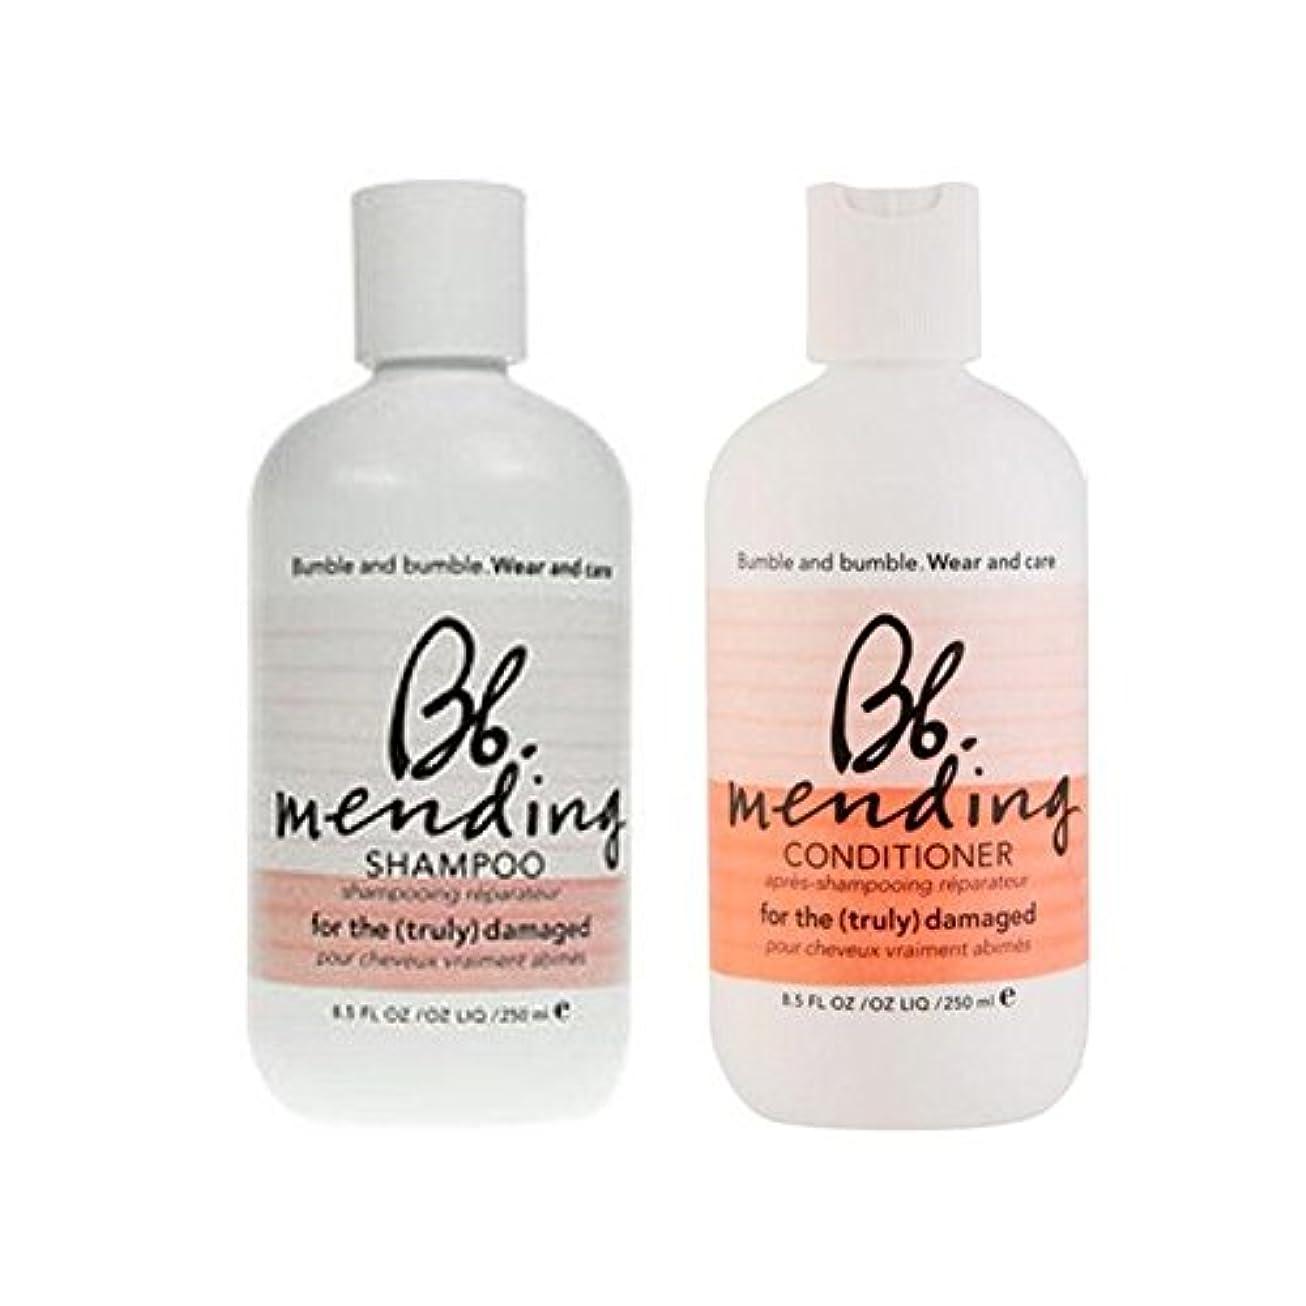 出席ニックネーム暗殺する着用し、-シャンプーとコンディショナーを補修ケア x4 - Bb Wear And Care Mending Duo- Shampoo And Conditioner (Pack of 4) [並行輸入品]